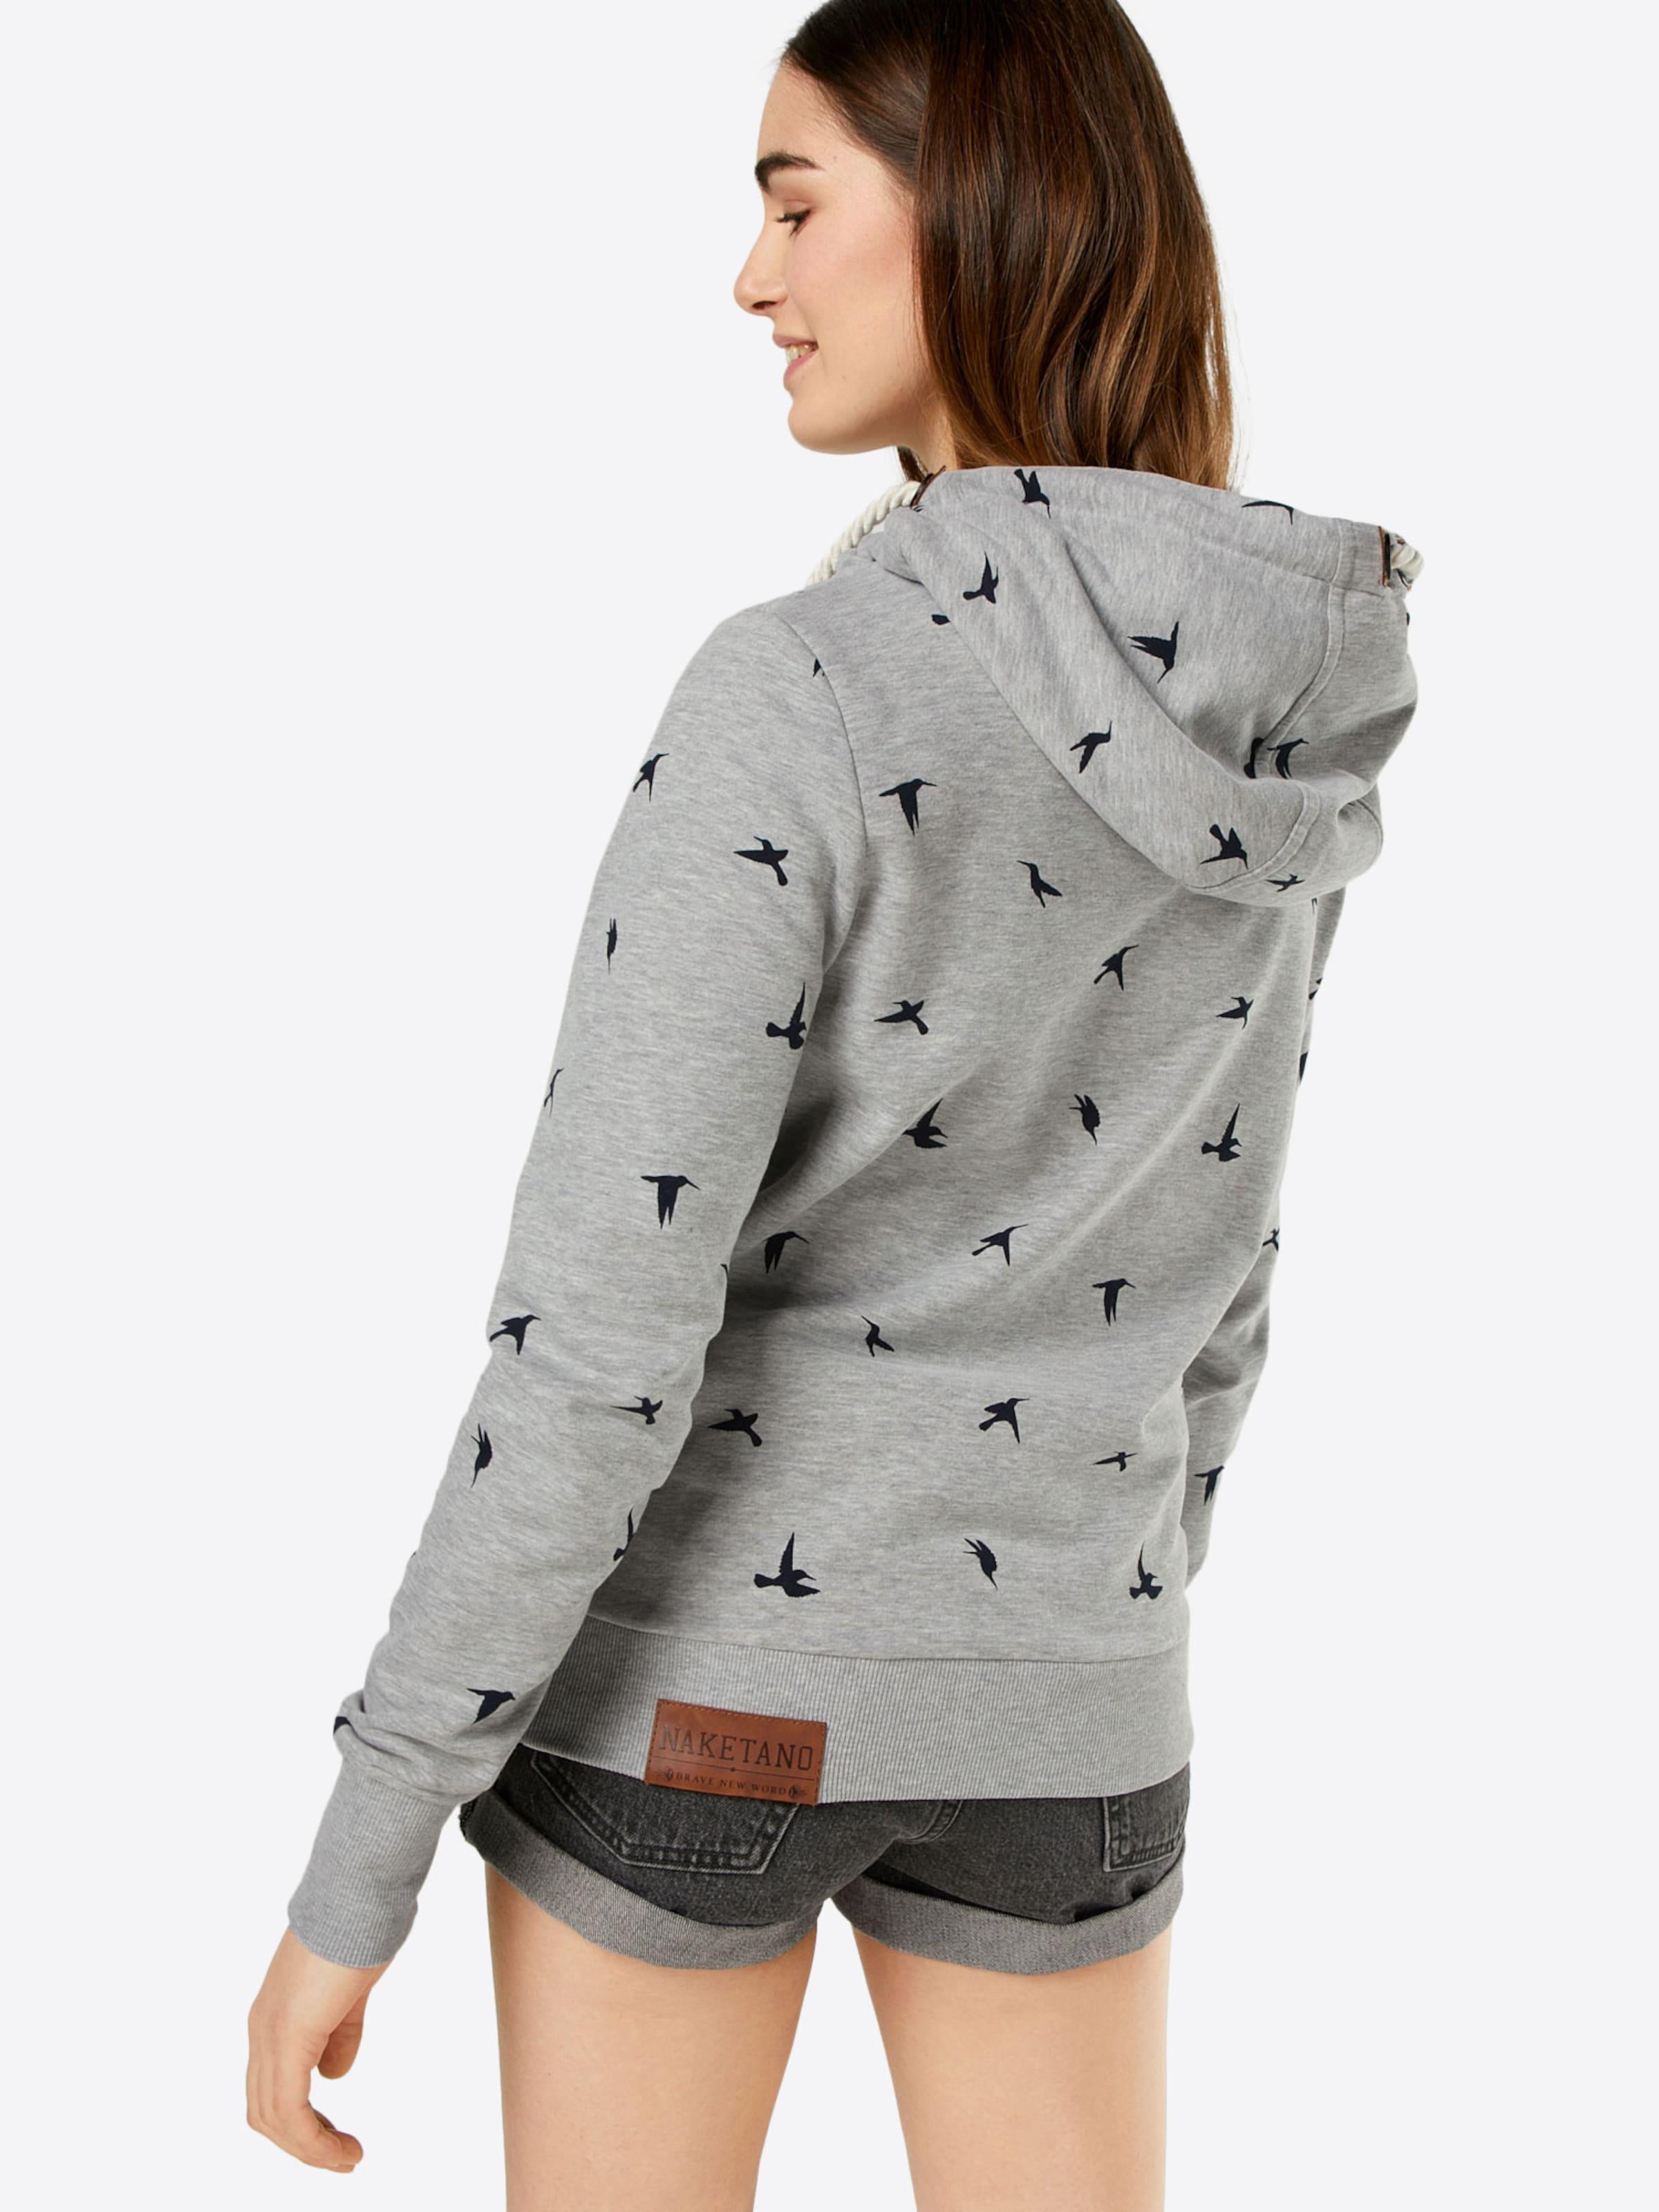 shirt Gap' Gris Sweat The Naketano For 'go En ClairNoir fYb6g7yv